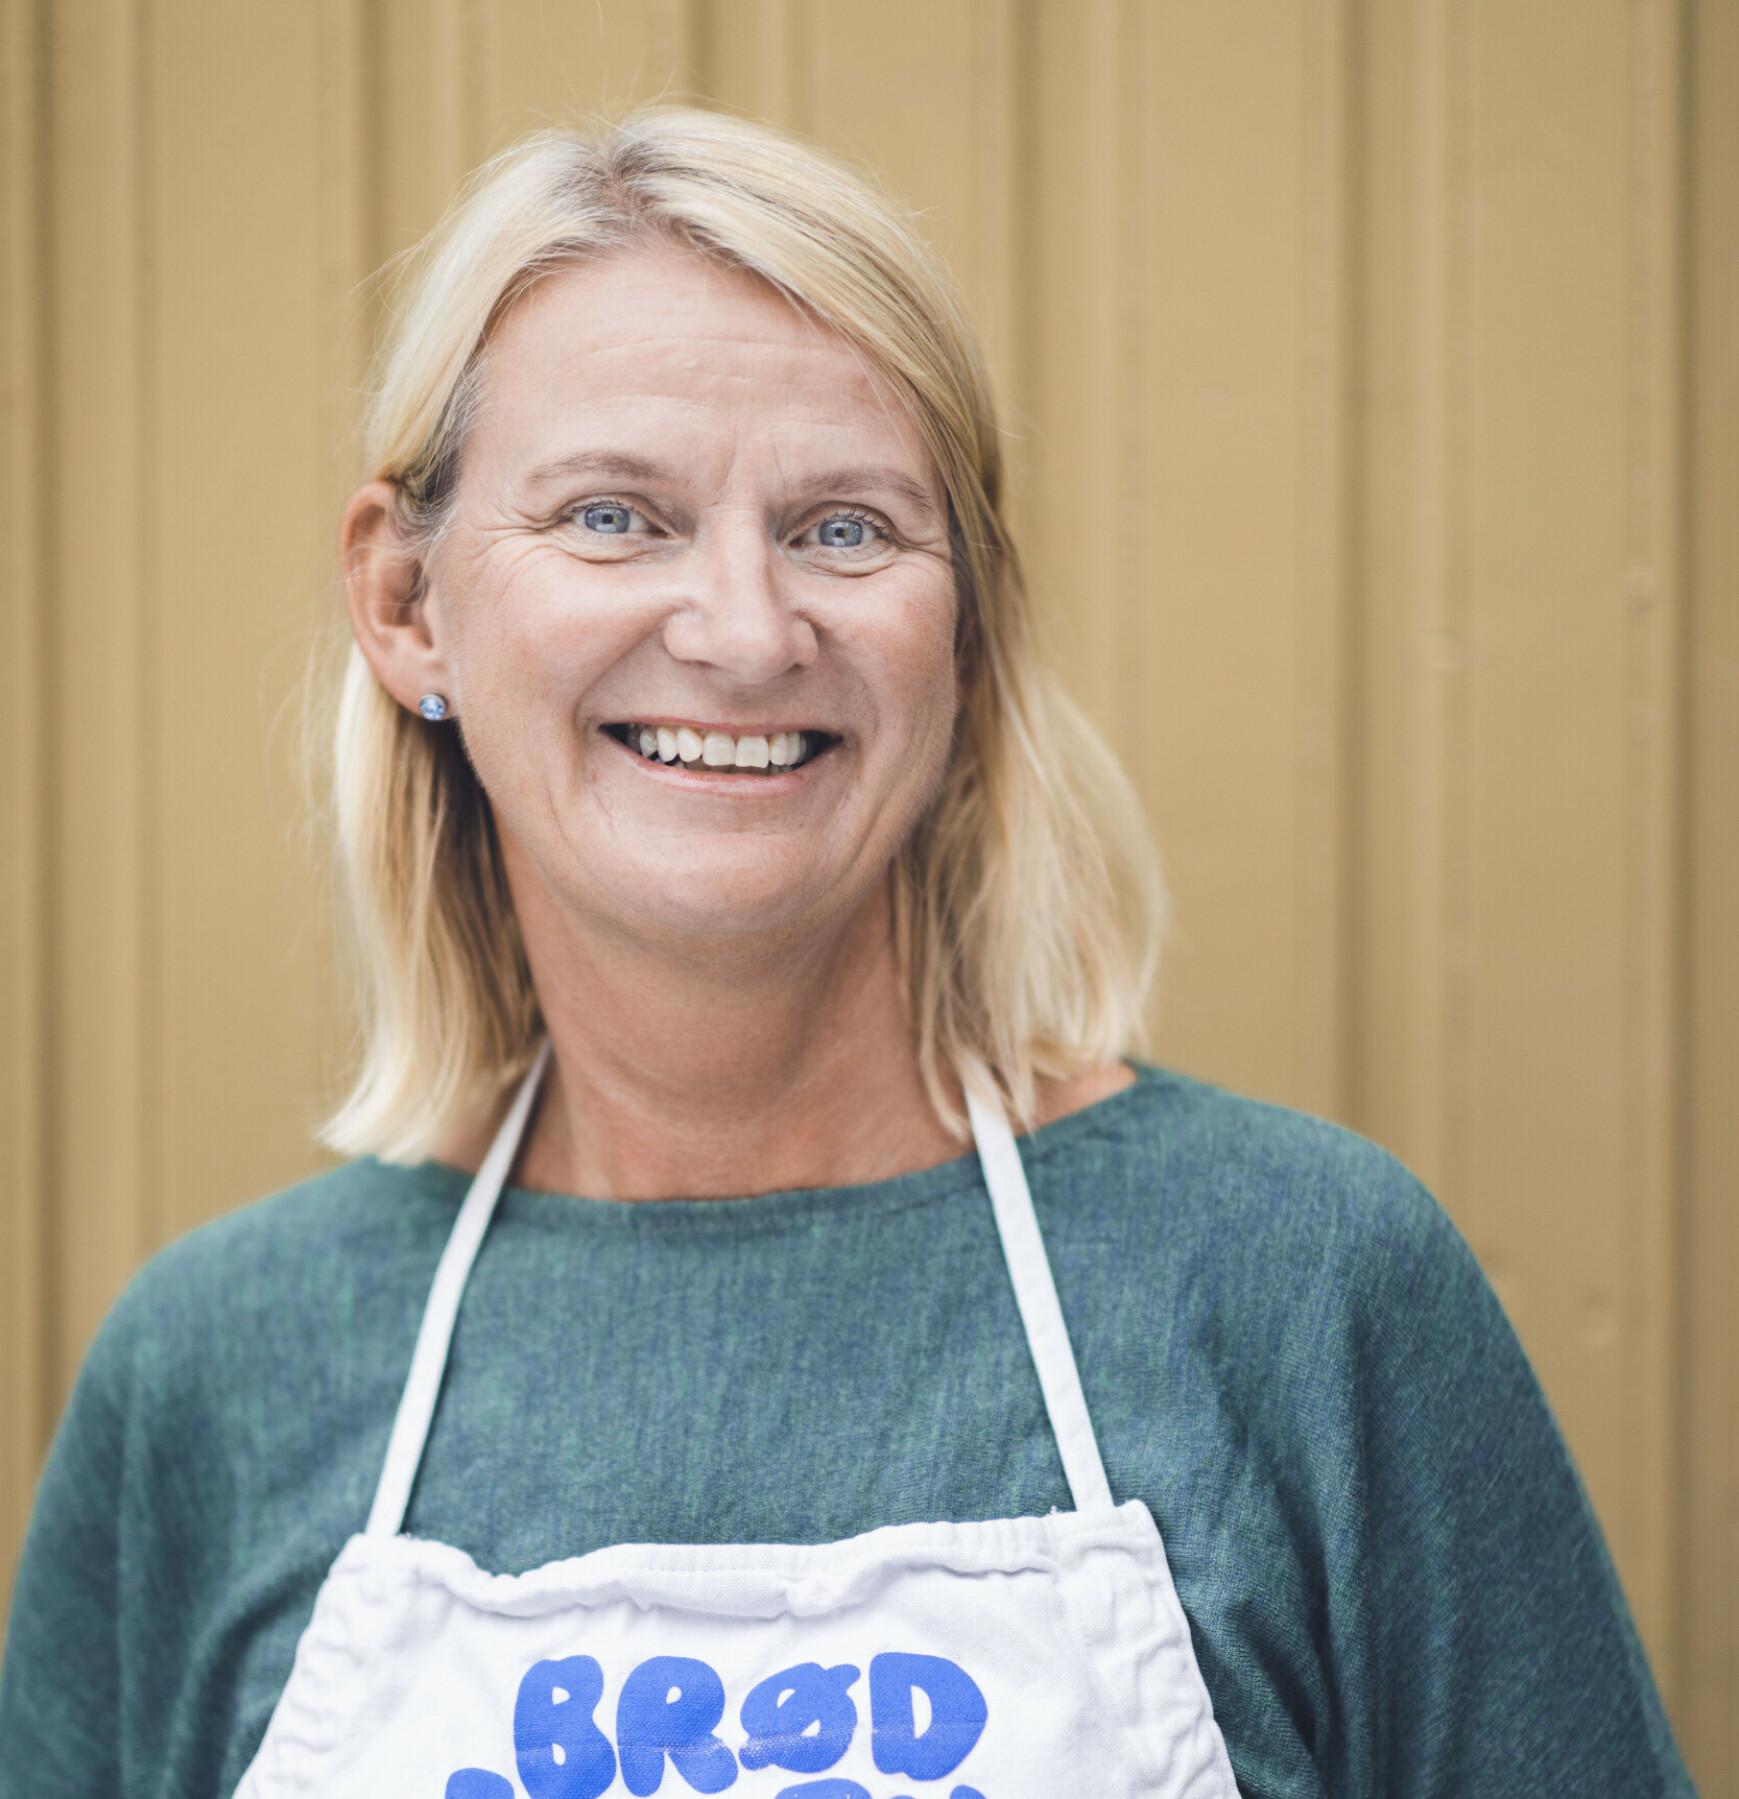 OPPBEVARING: Daglig leder i Opplysningskontoret for brød og korn, Torunn Nordbø. Foto: Brodogkorn.no